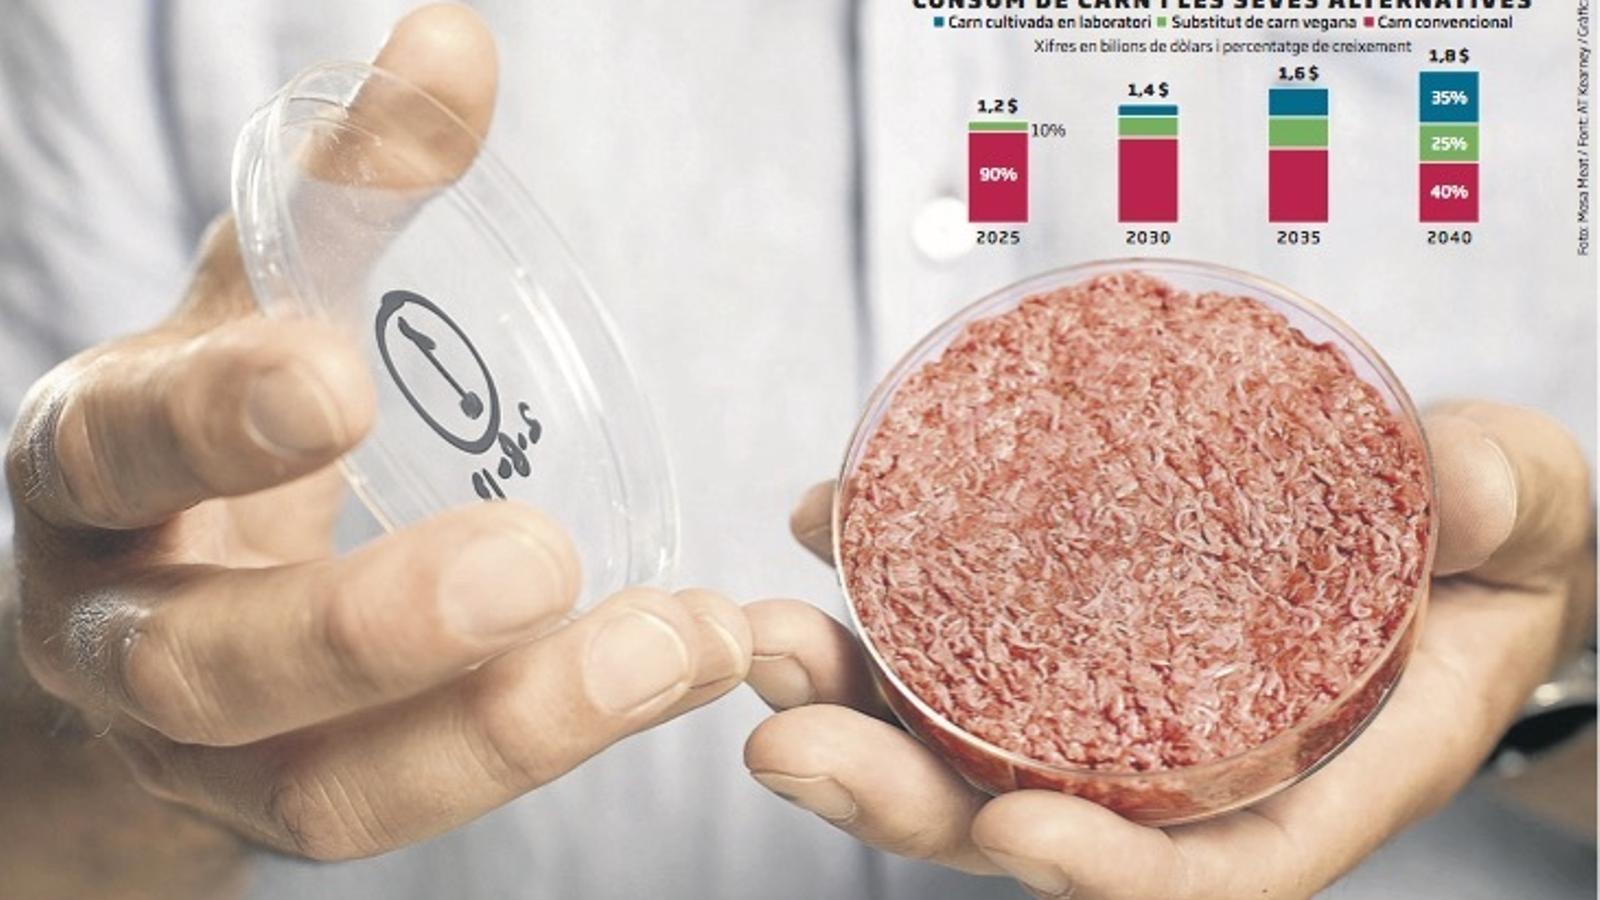 Un terç de la carn es cultivarà al laboratori el 2050